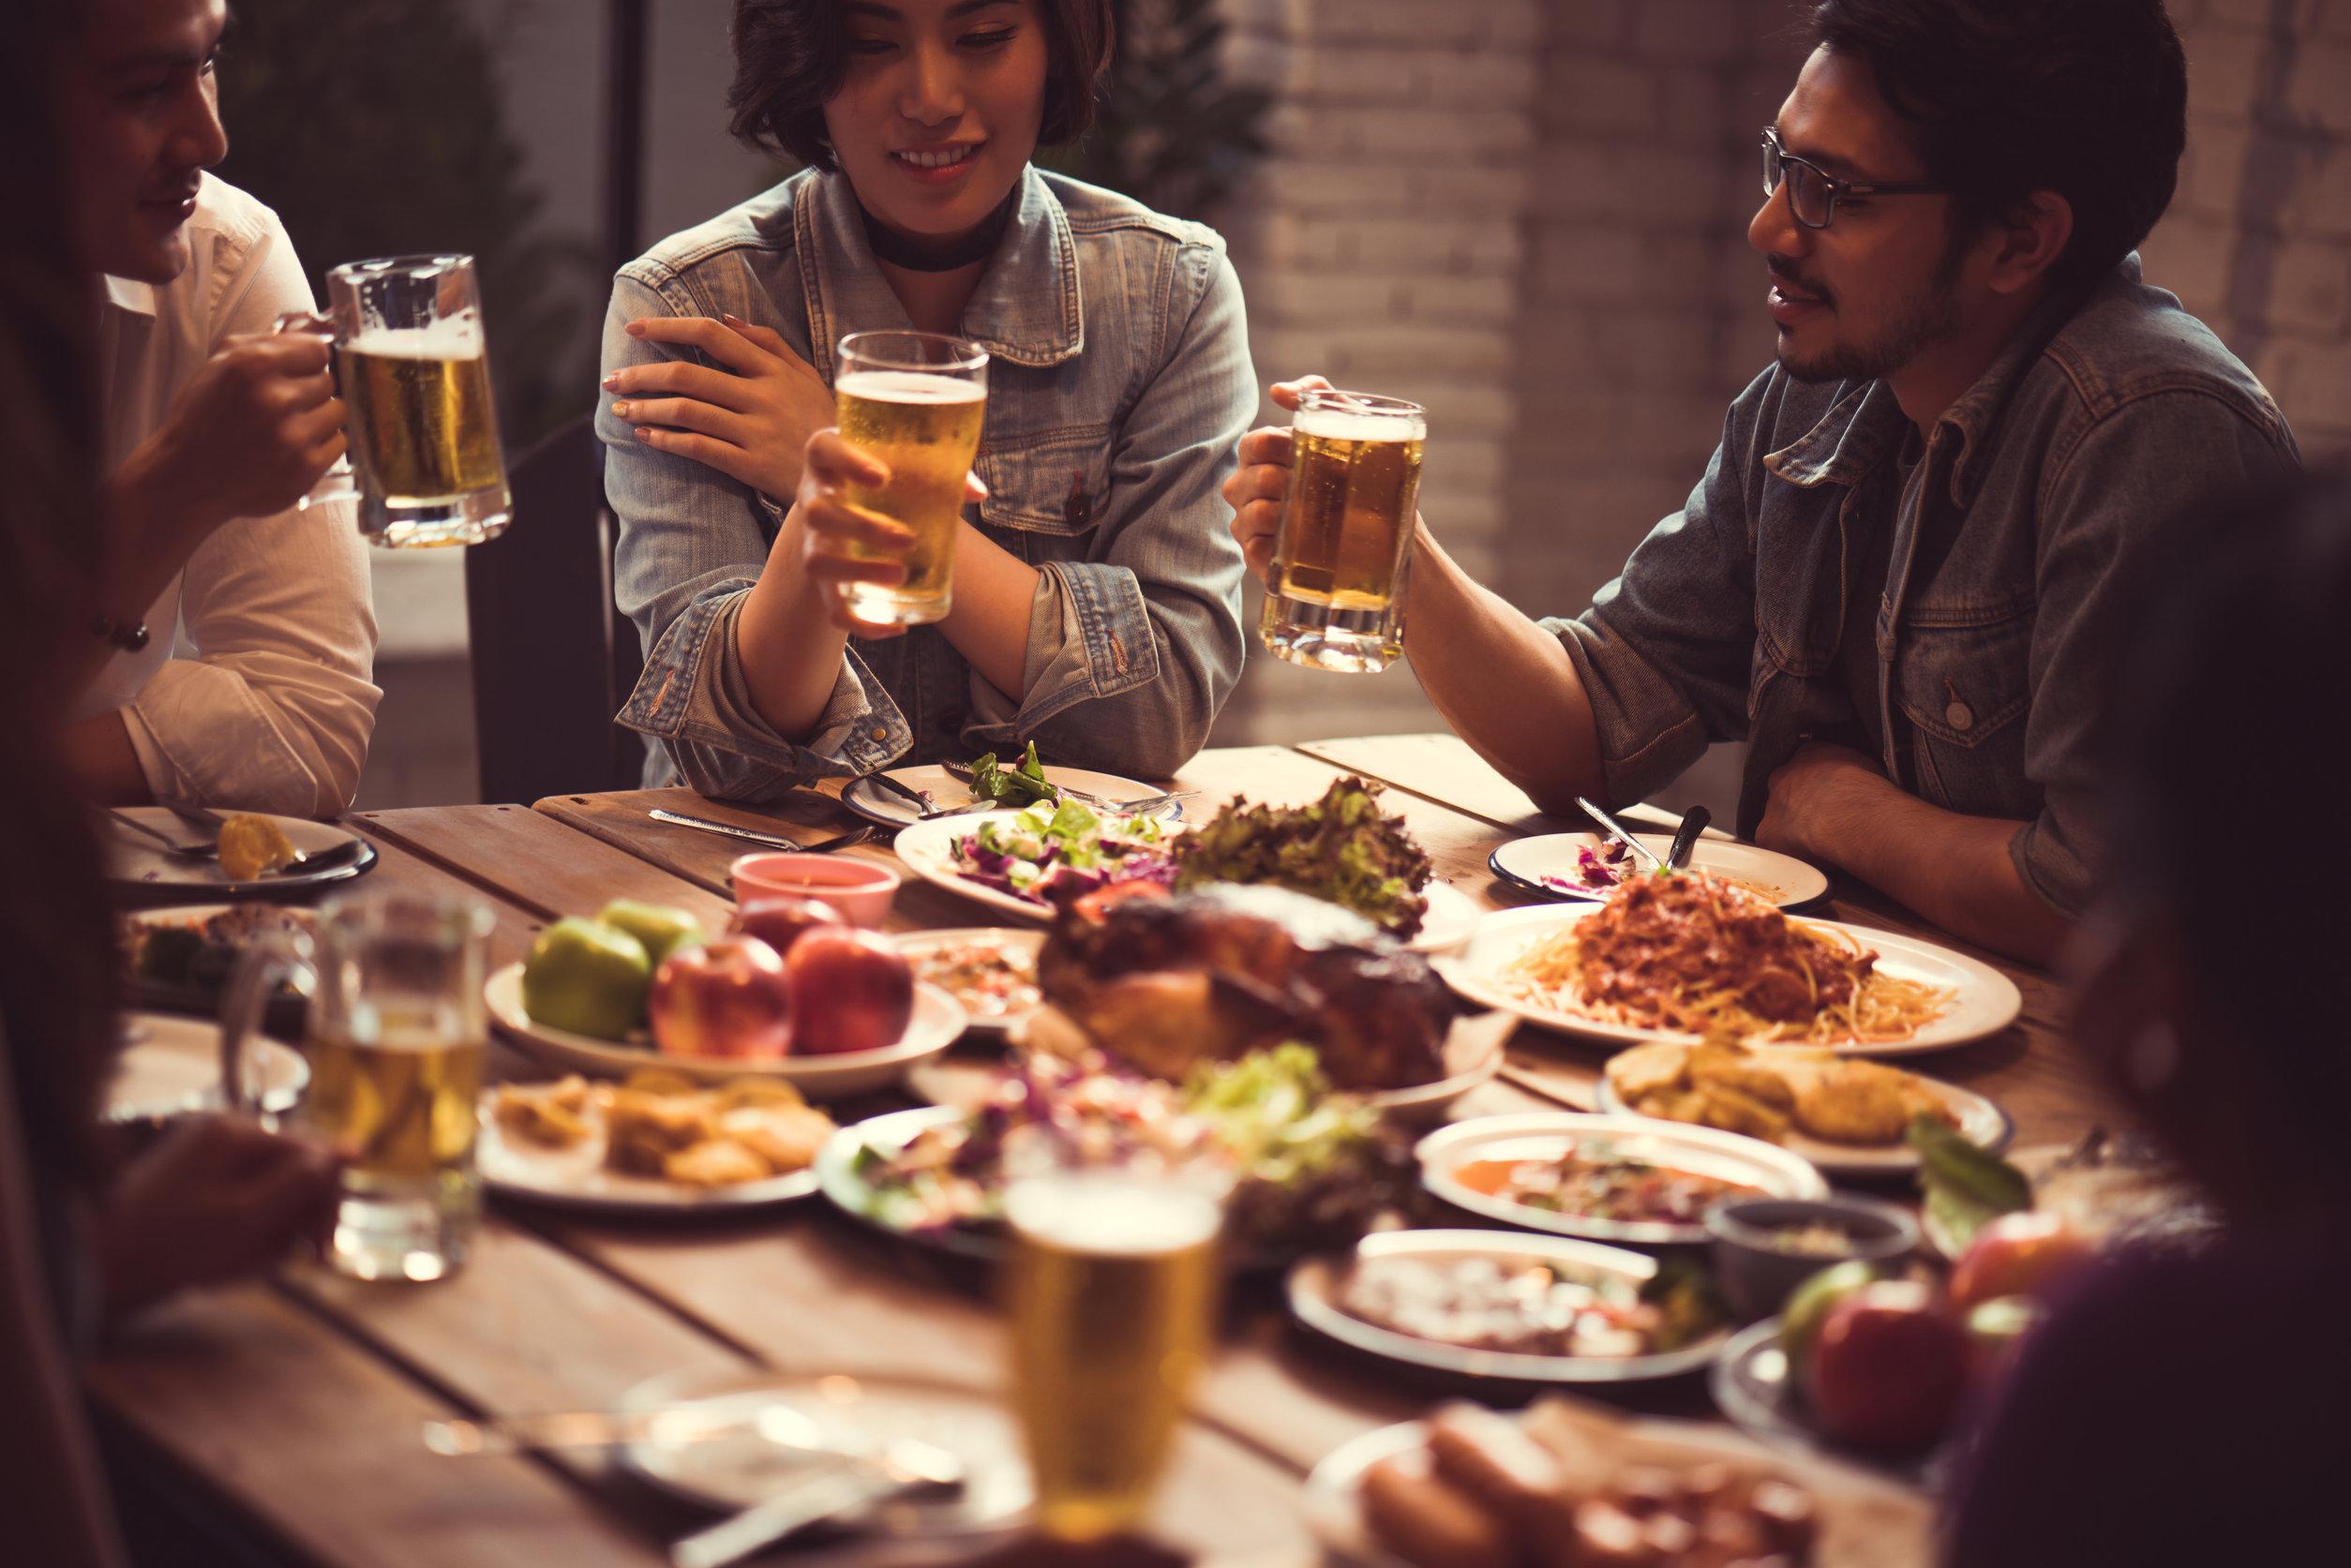 Grupo de amigos cenando